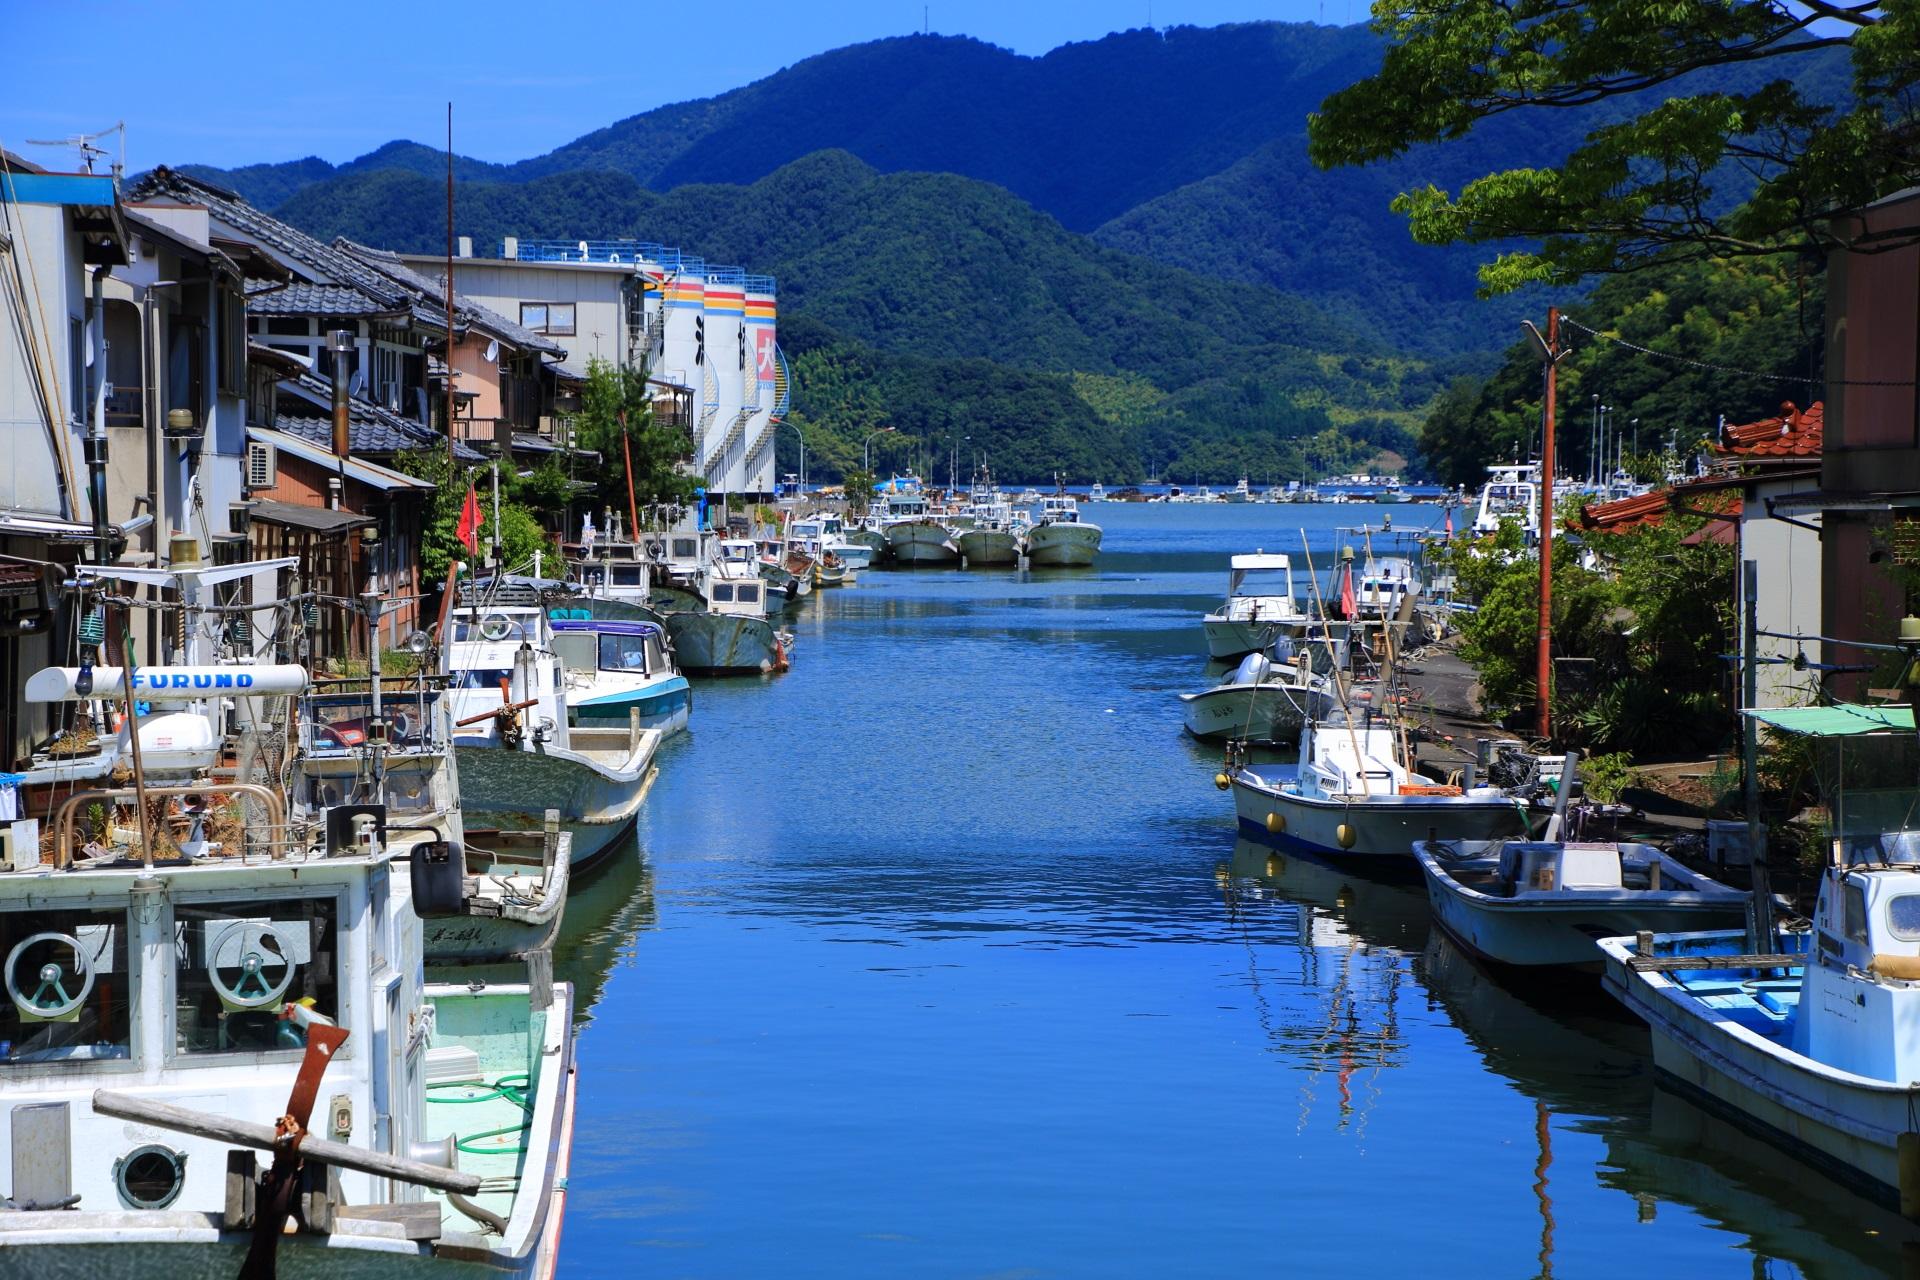 水辺に建ち並ぶ家と漁船が見事な風情溢れる舞鶴の吉原入江